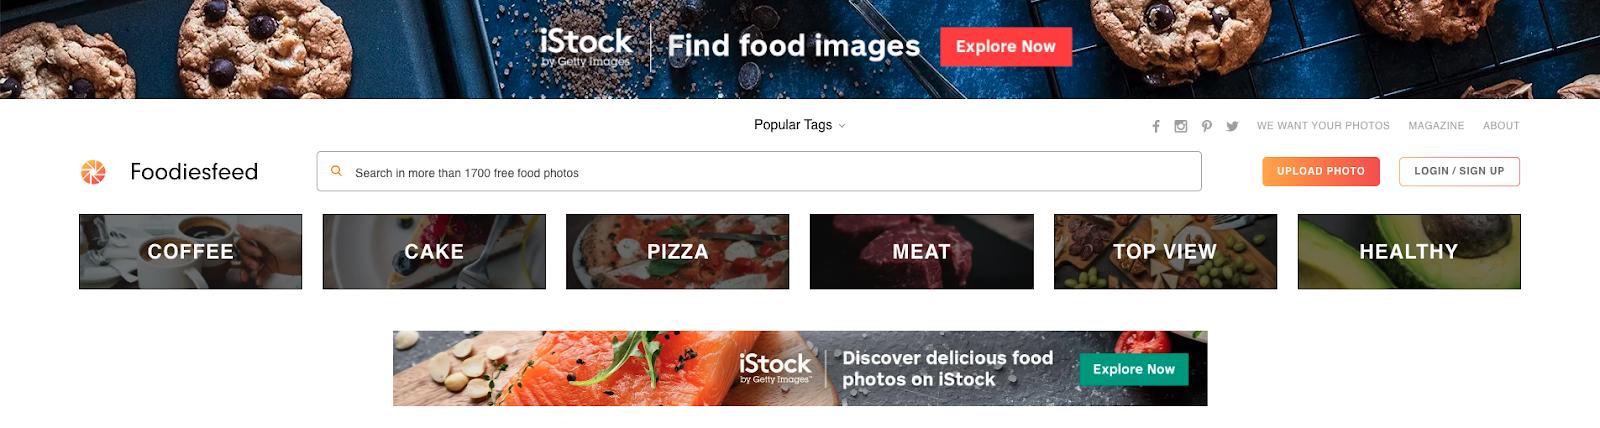 Foodiesfeed homepage screengrab